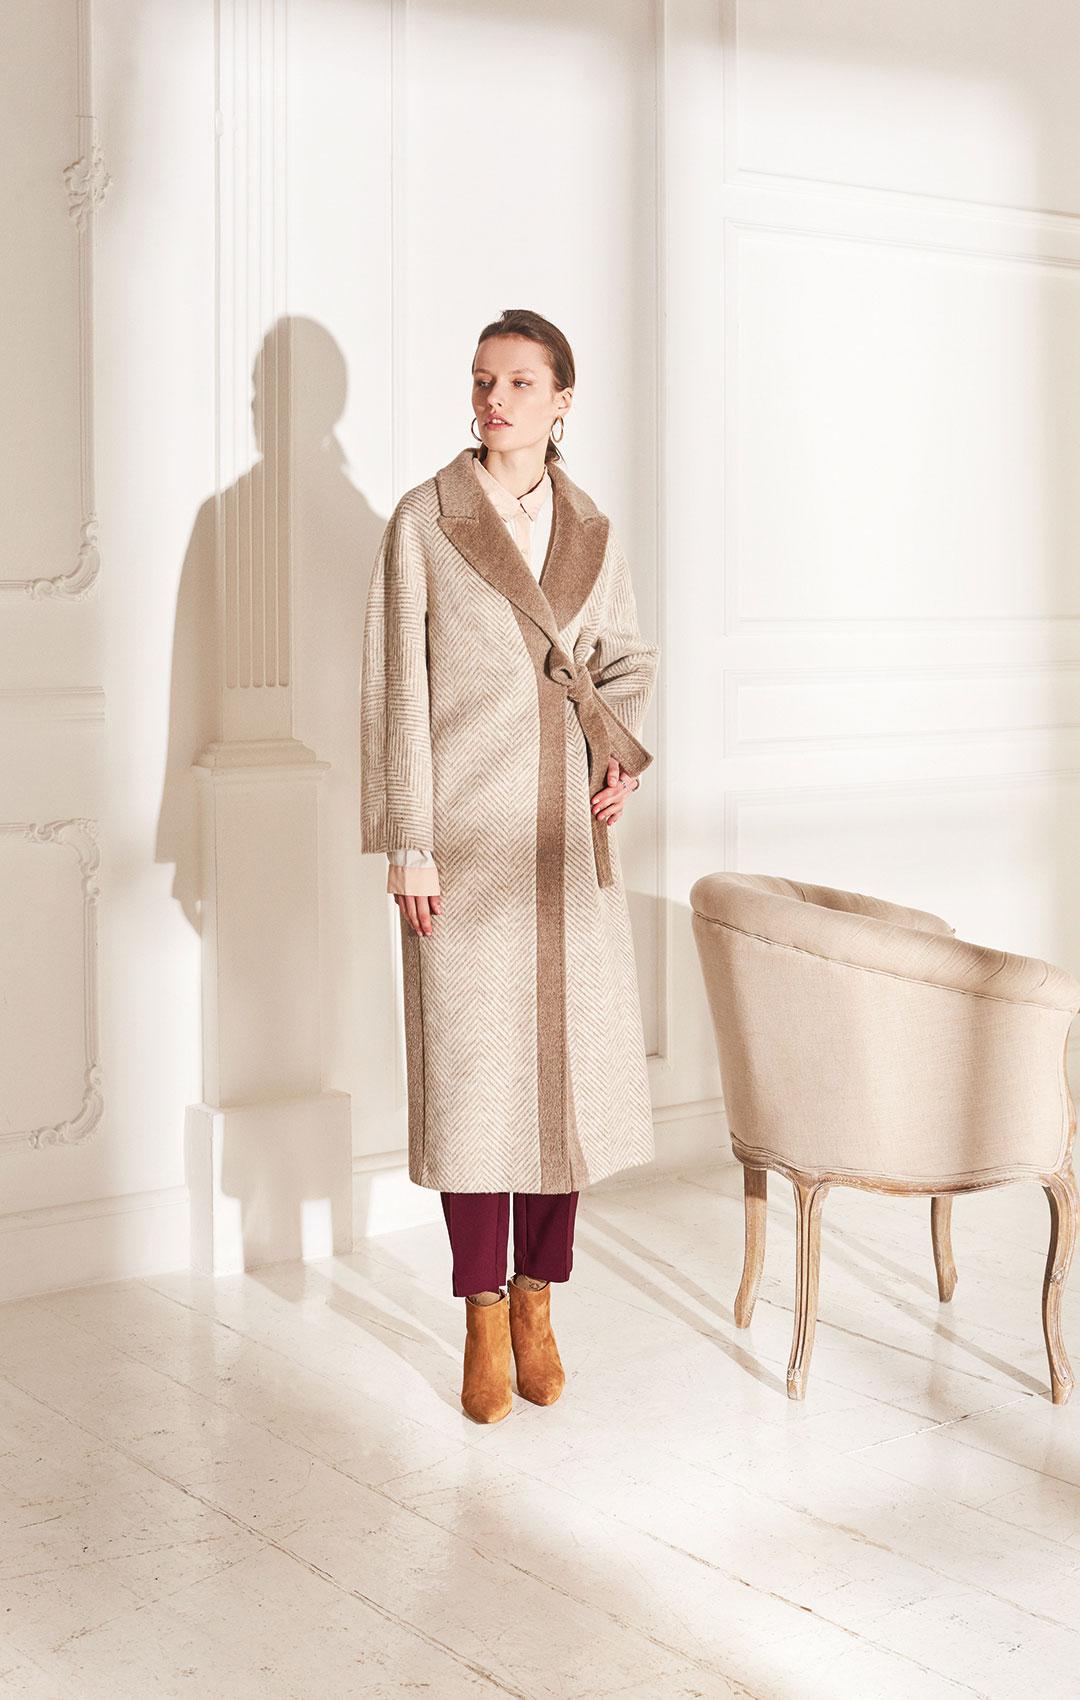 lenoci luxury - cappotto vestaglia kimono con cintura Rever in tessuto a contrasto in mohair Rever a lancia, Sartoriale